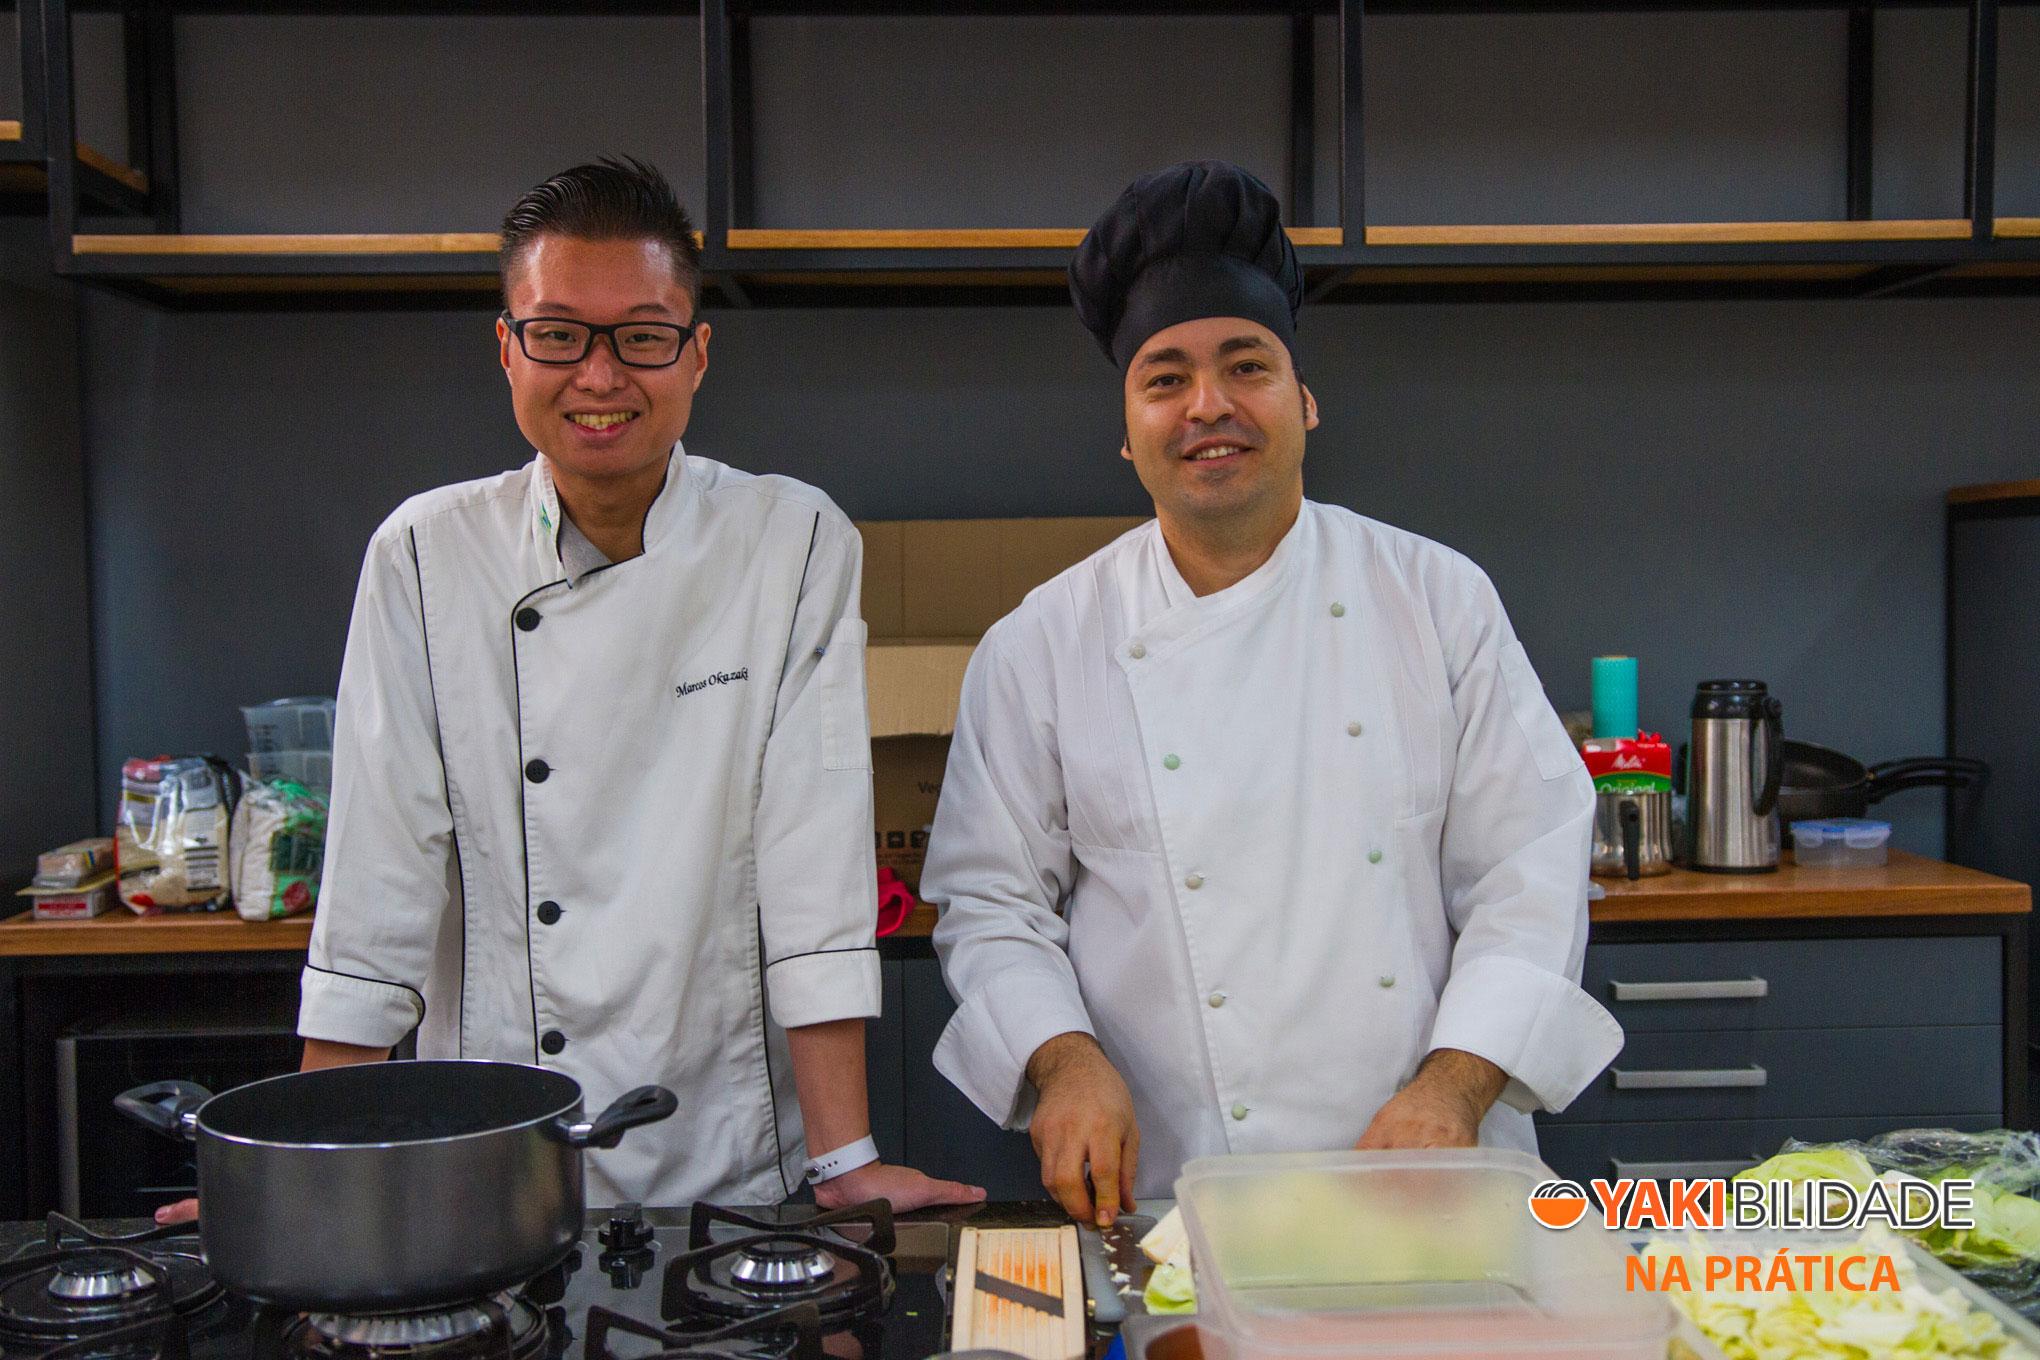 Turma 01 - Curso de Culinária Japonesa Yakibilidade na Prática 02